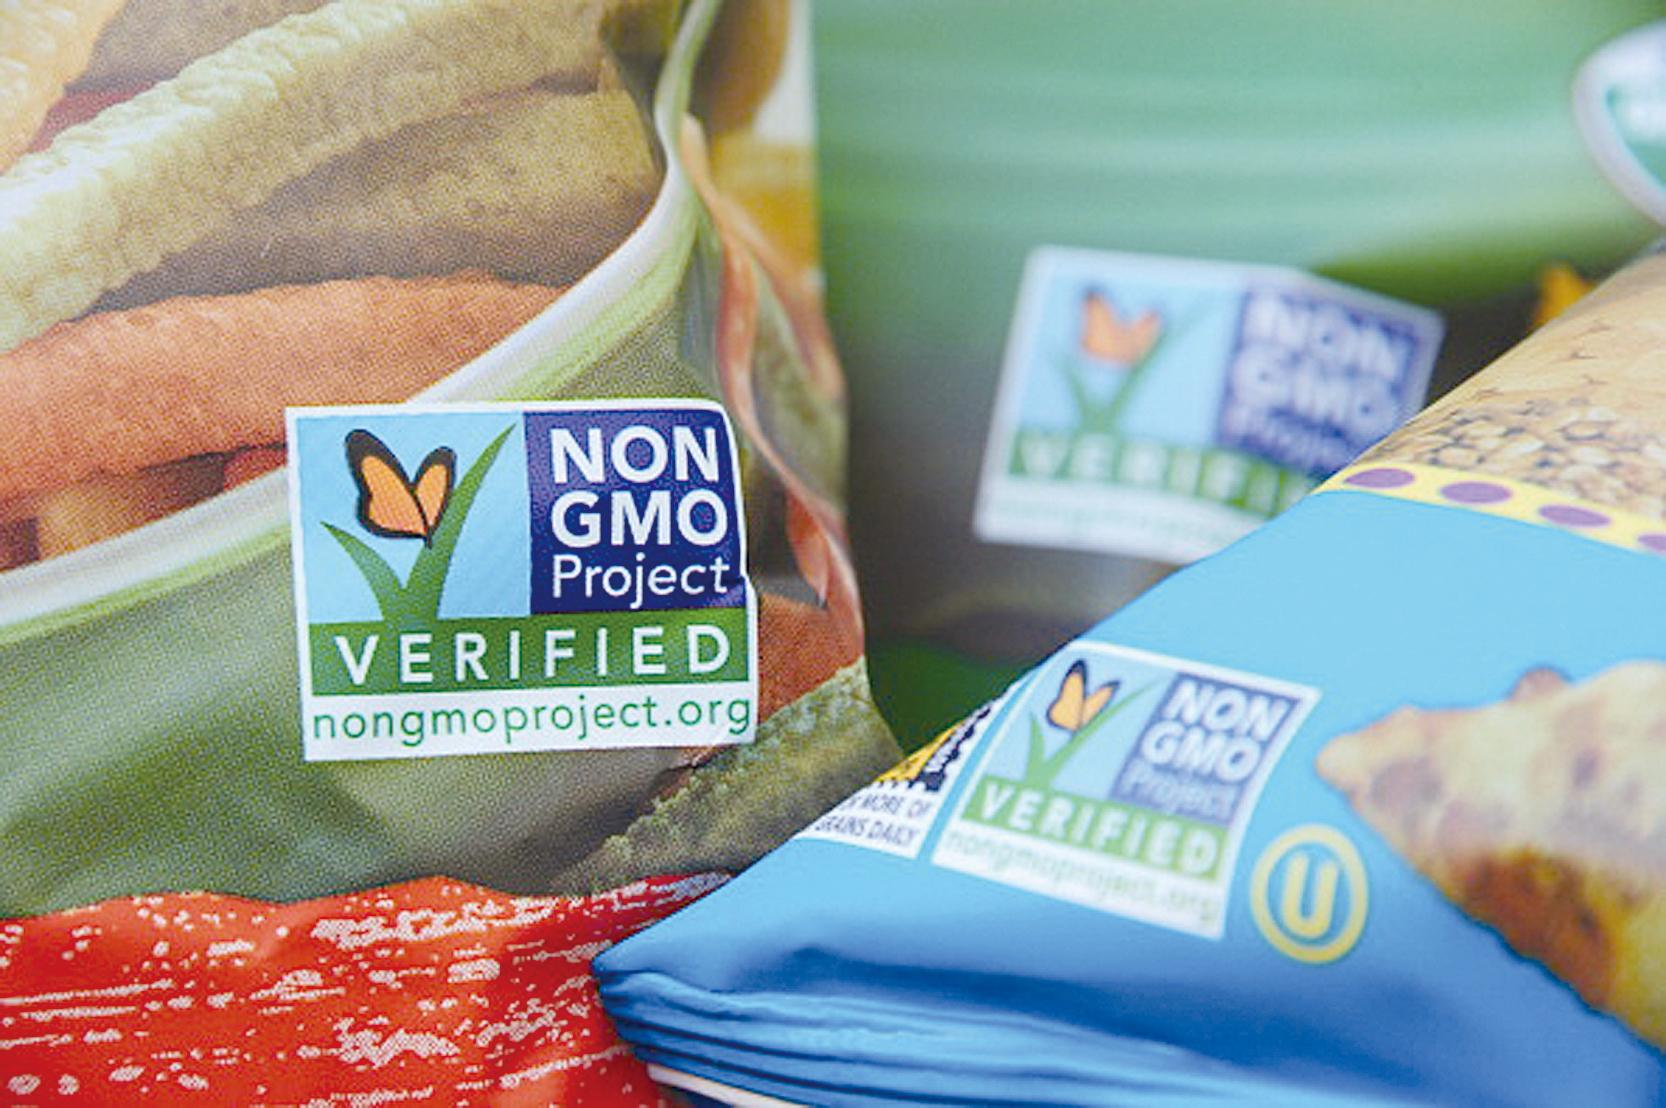 專家認為,基因改造食品能讓人類基因發生突變,遺害後代子孫。一些美國超市食品袋上已經有了非基因改造食品(Non GMO)標籤。(ROBYN BECK/AFP/Getty Images)